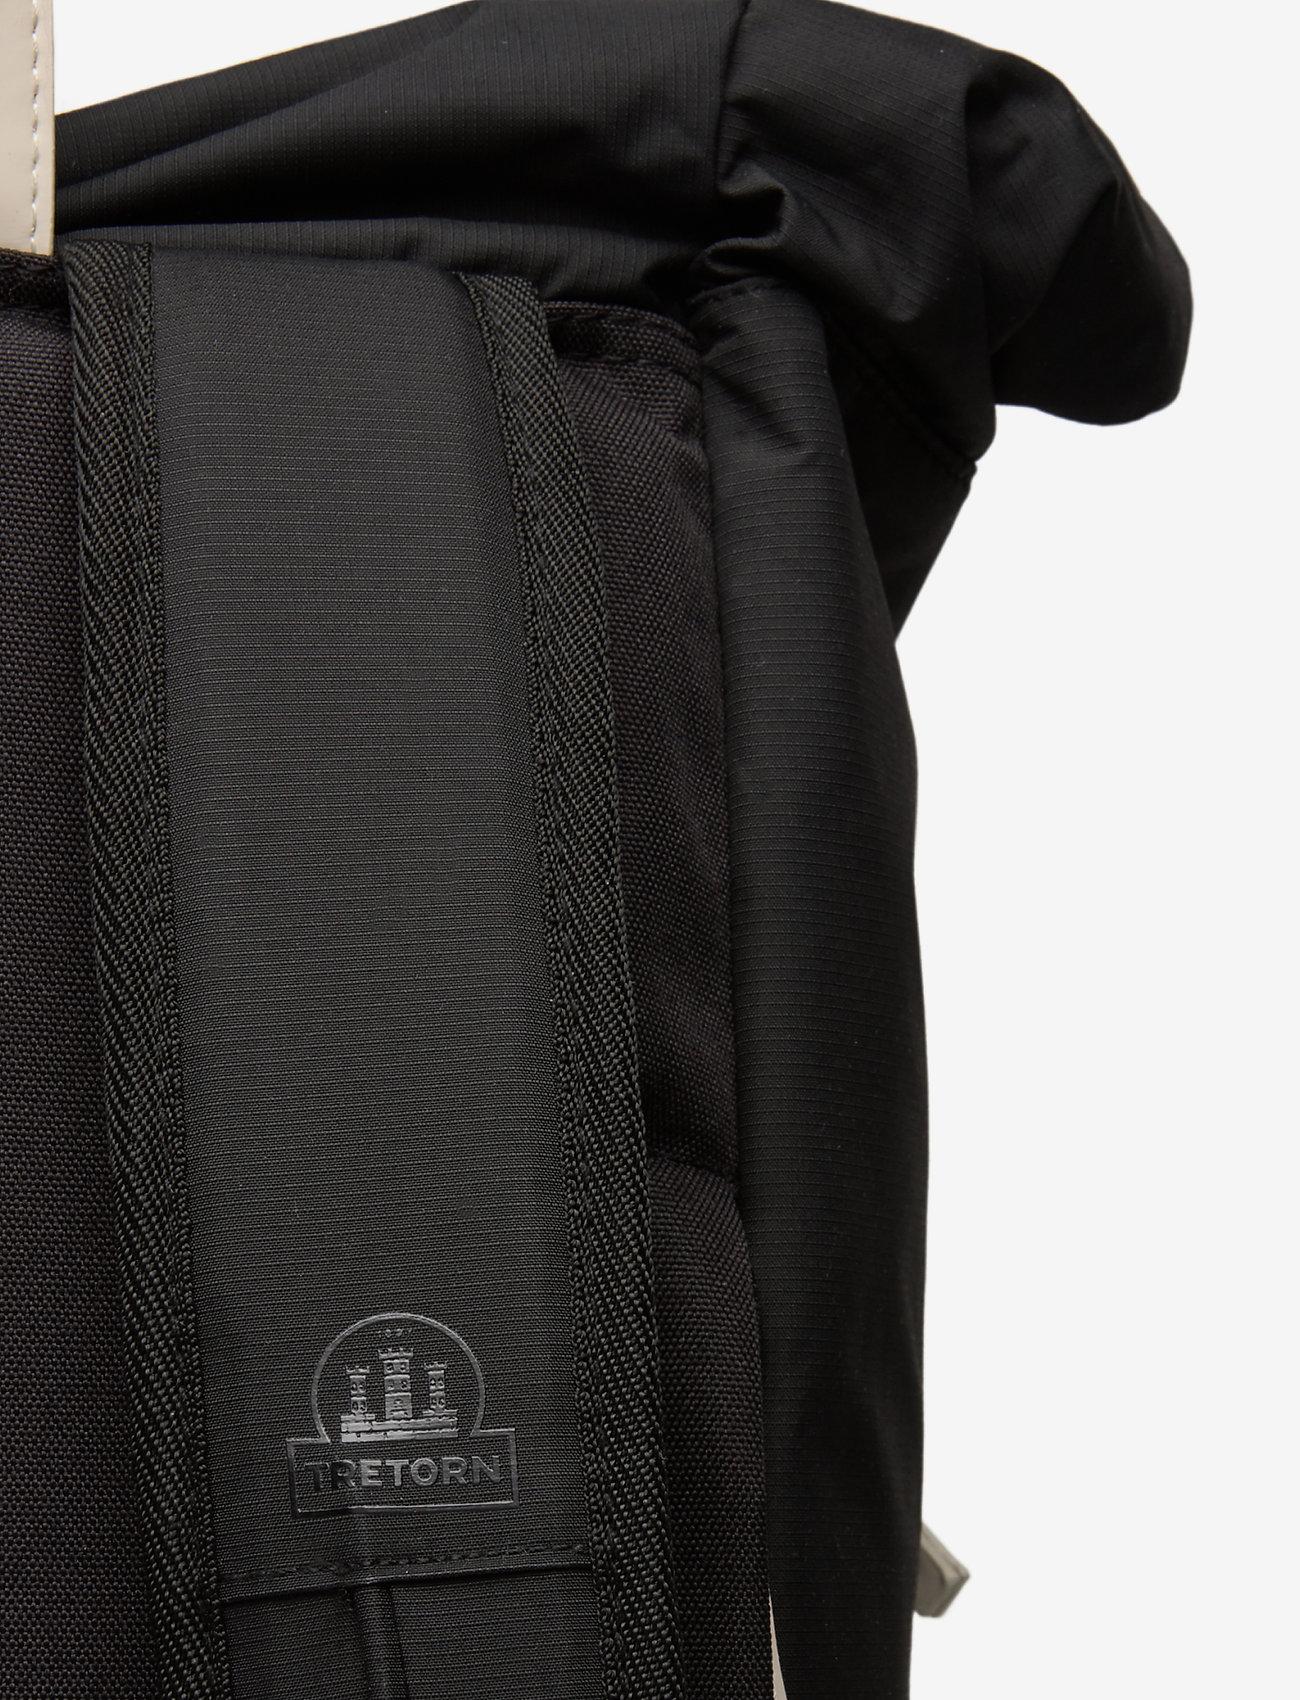 Tretorn - OCEAN NET ROLLTOP - väskor - 015/black/sand - 3